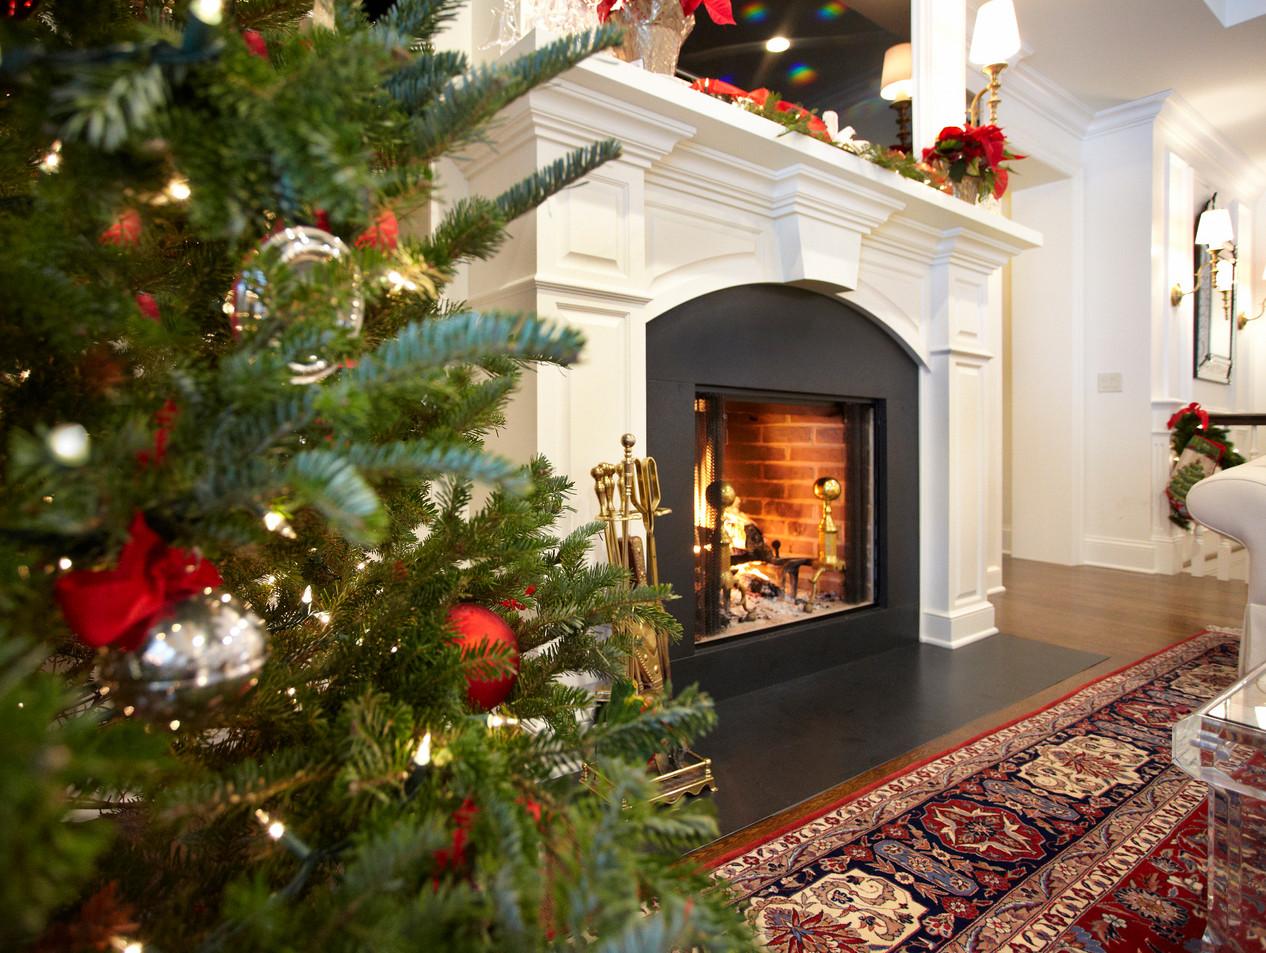 N_5285_Fireplace.jpg